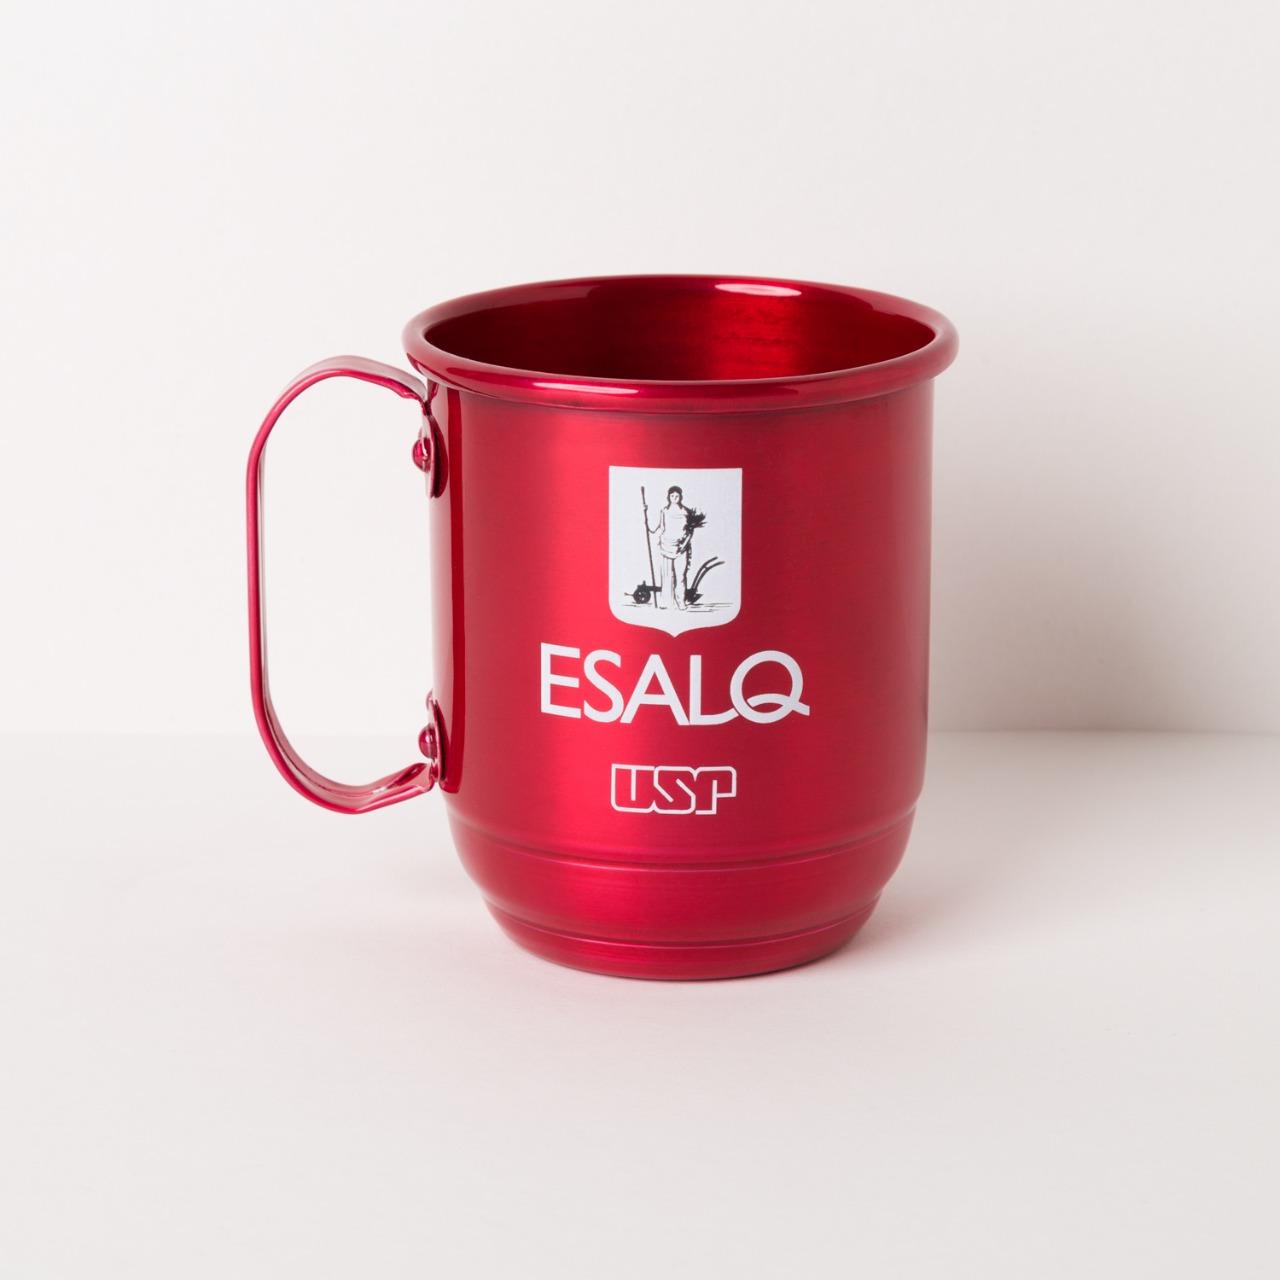 Caneca alumínio vermelha ESALQ USP